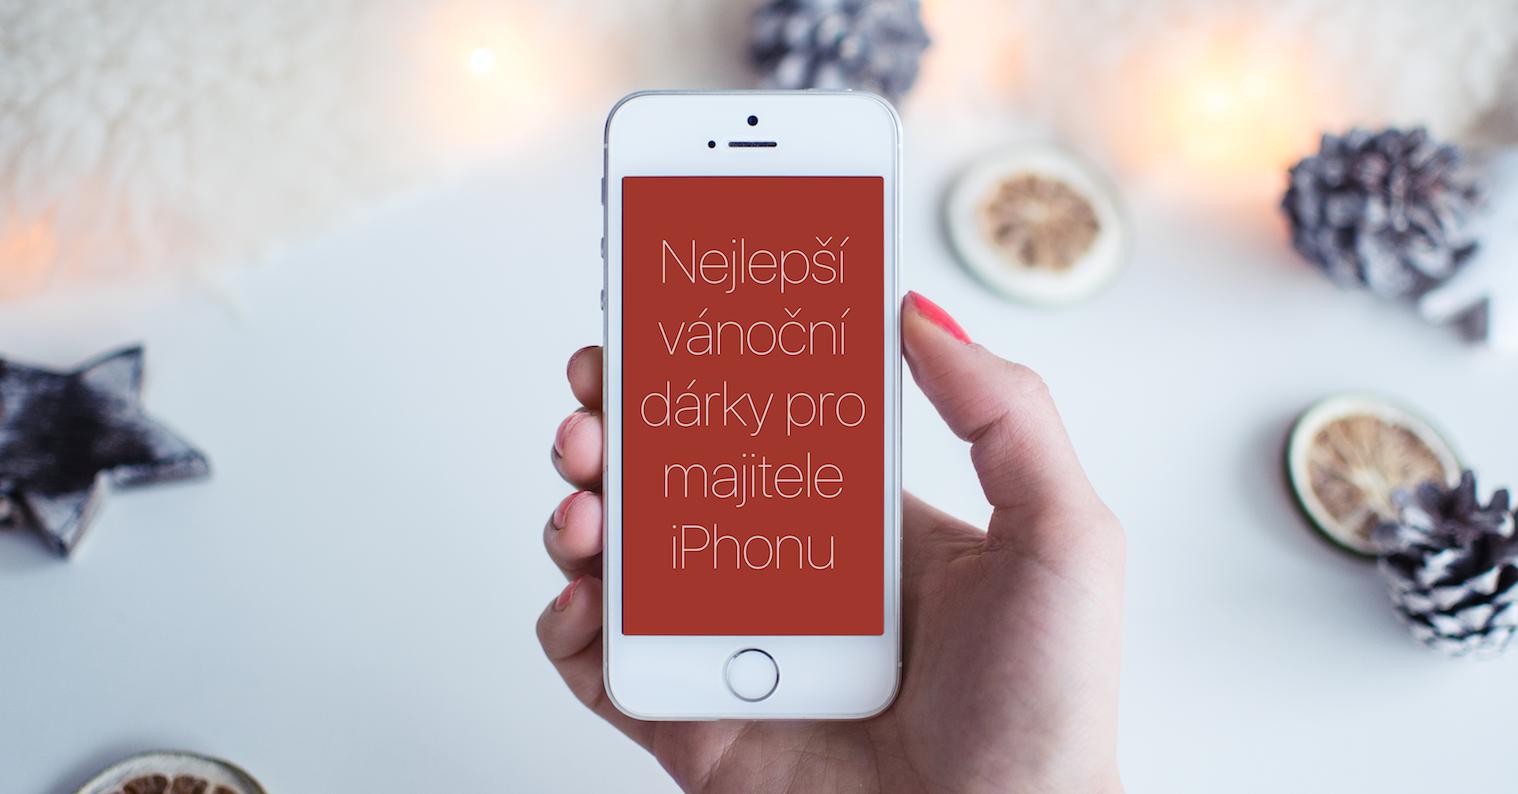 nejlepsi-vanocni-darky-iphone